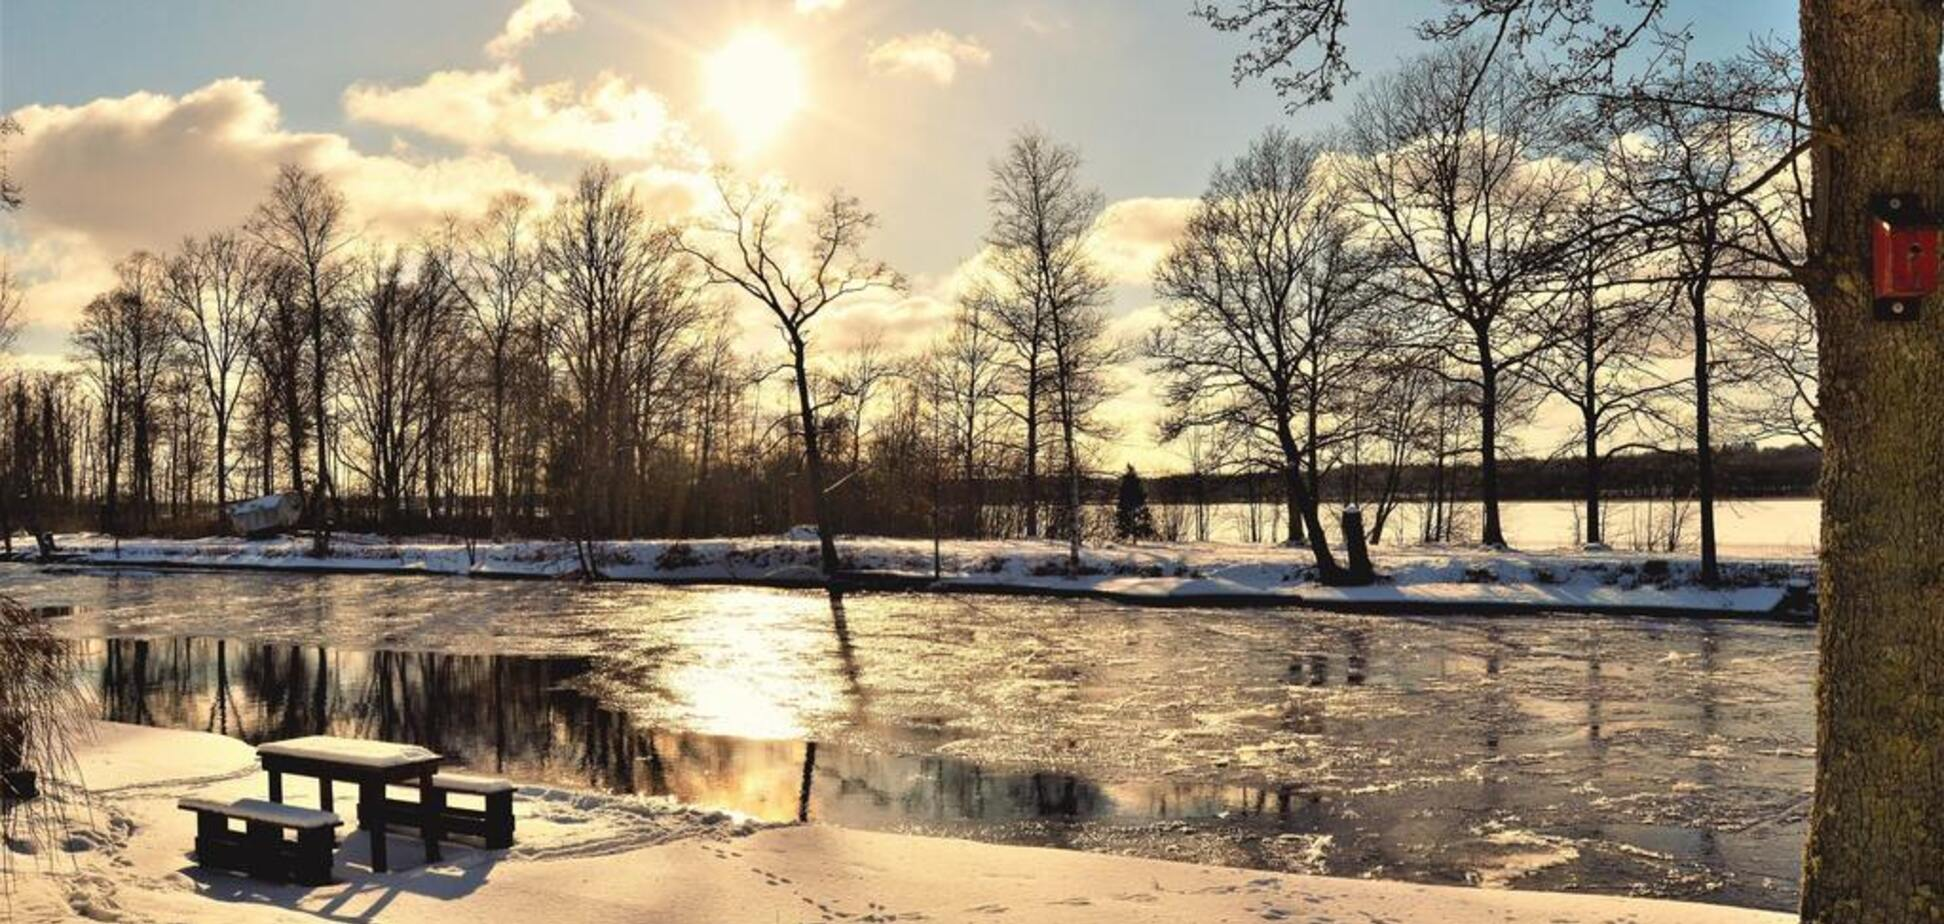 Впервые за 139 лет: погода в Киеве побила температурный рекорд